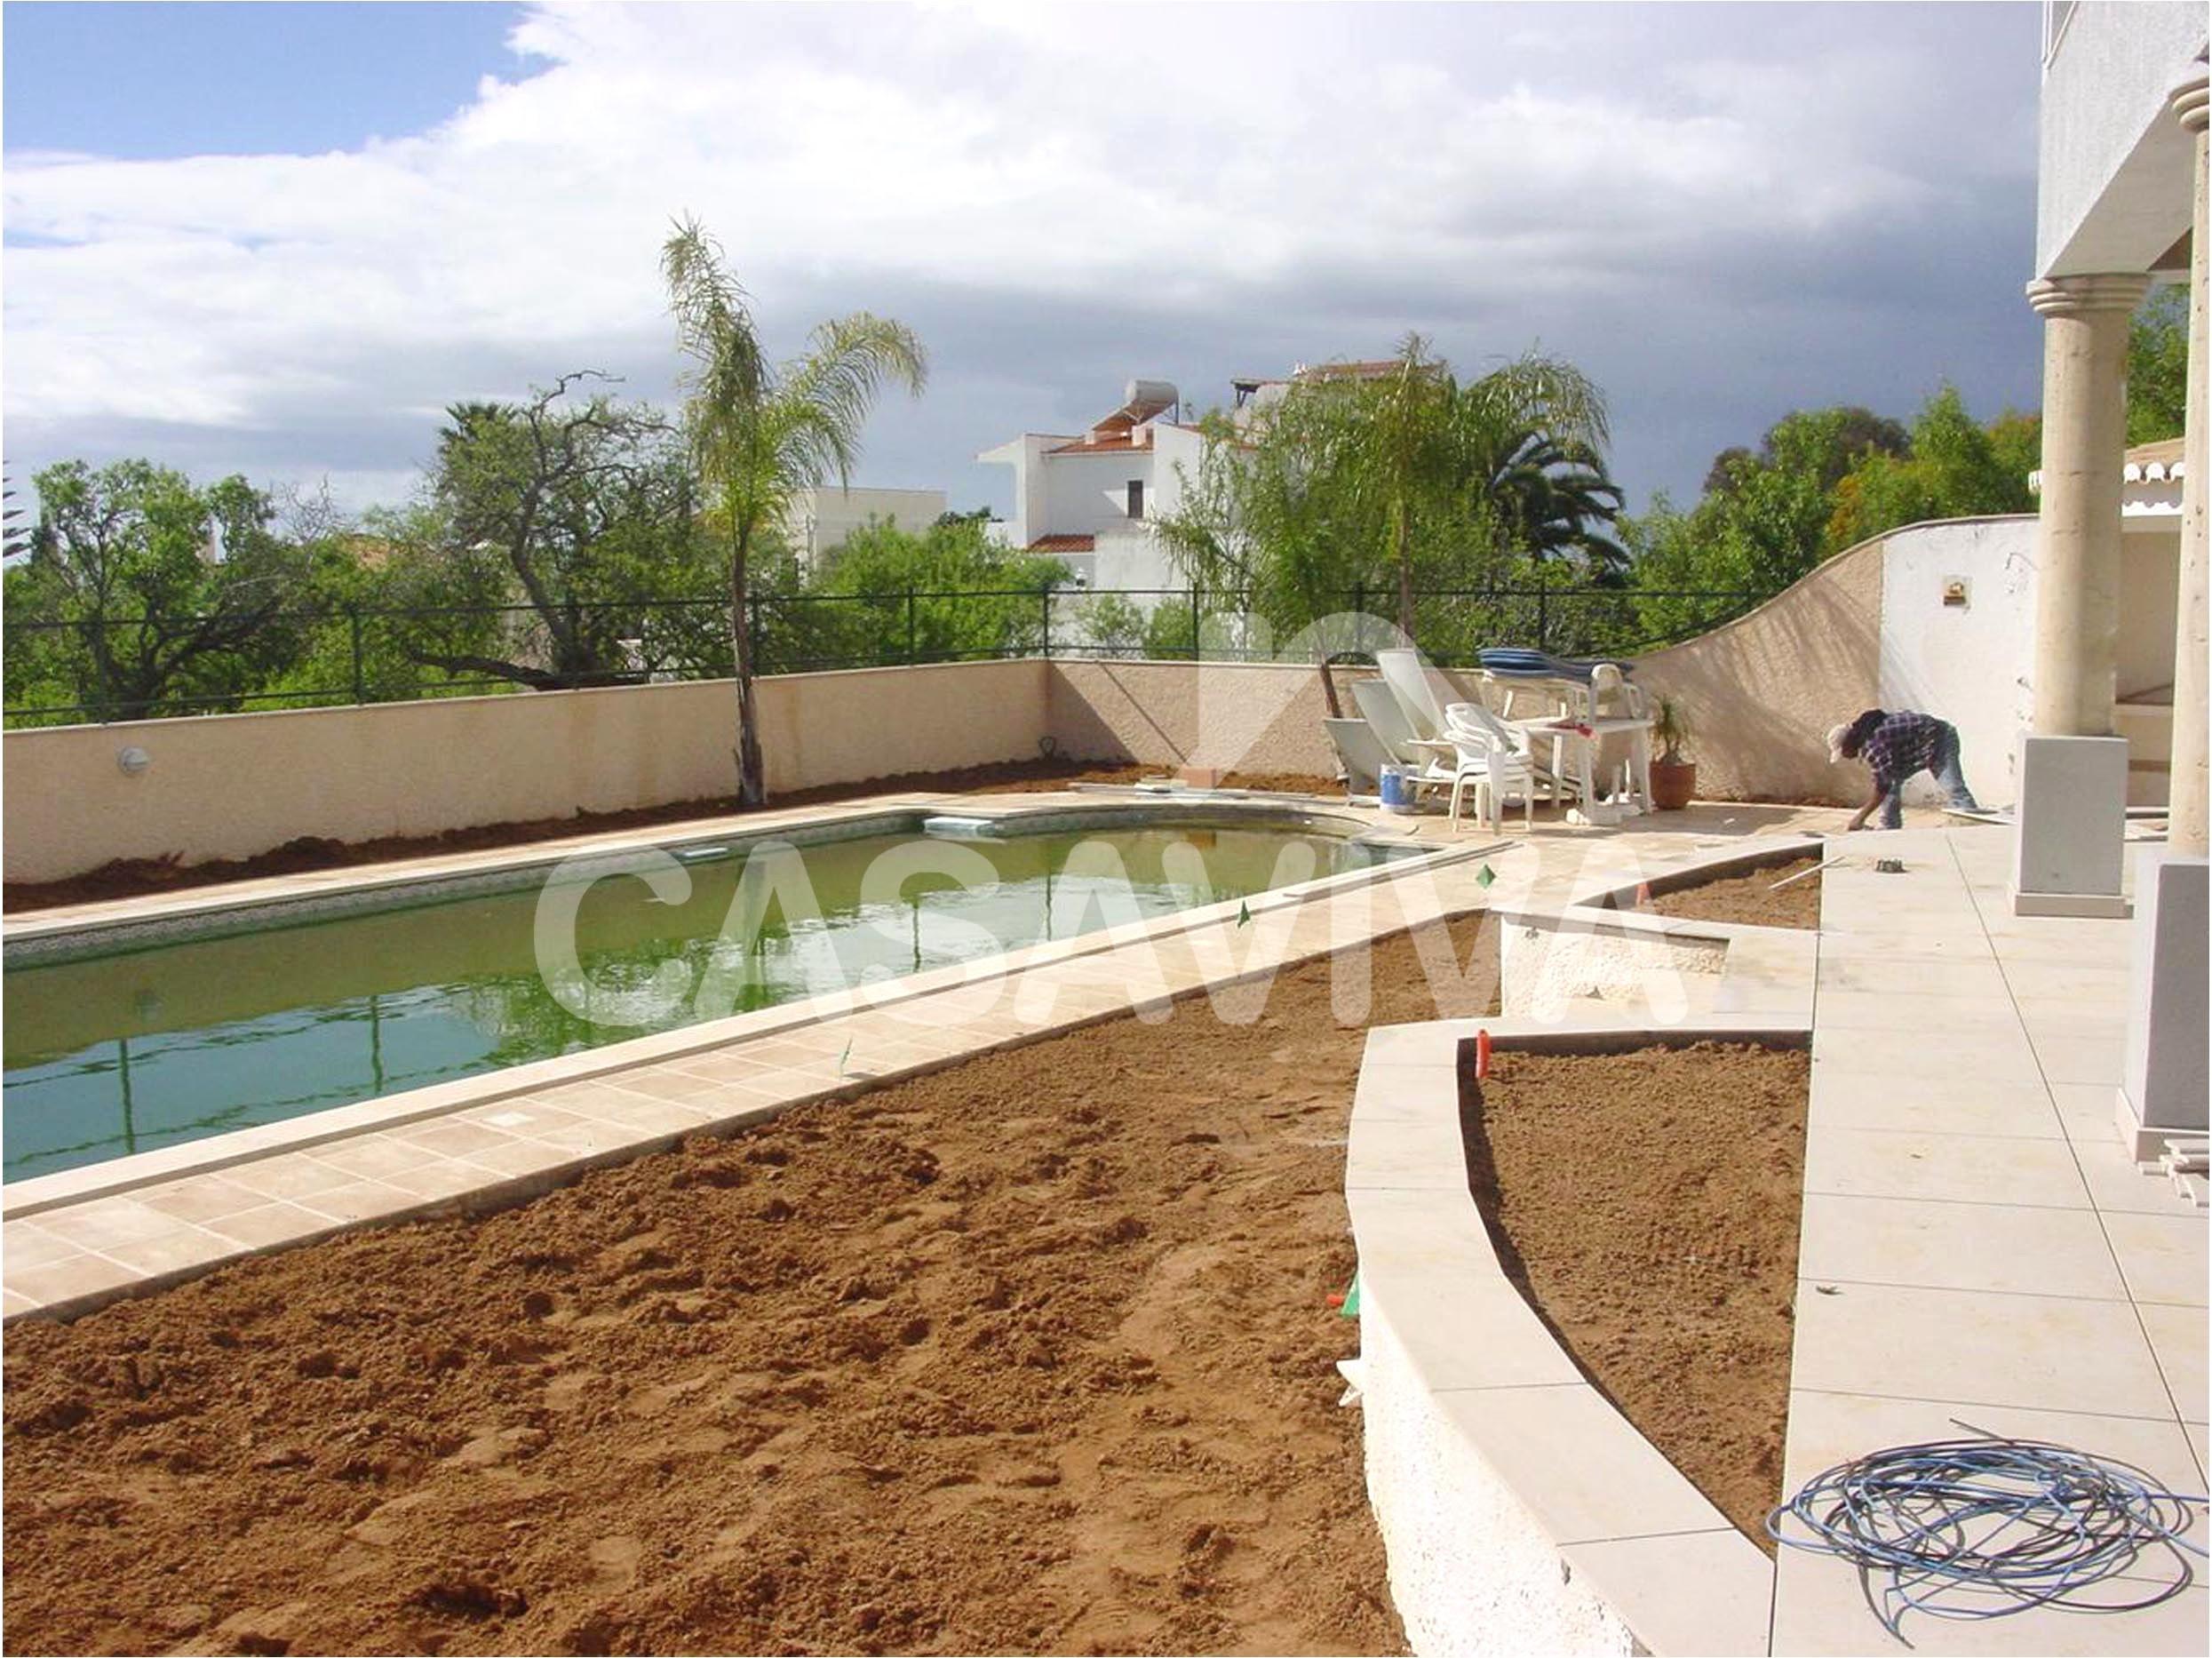 Enchimento com terra para jardim em zona a ajardinar.